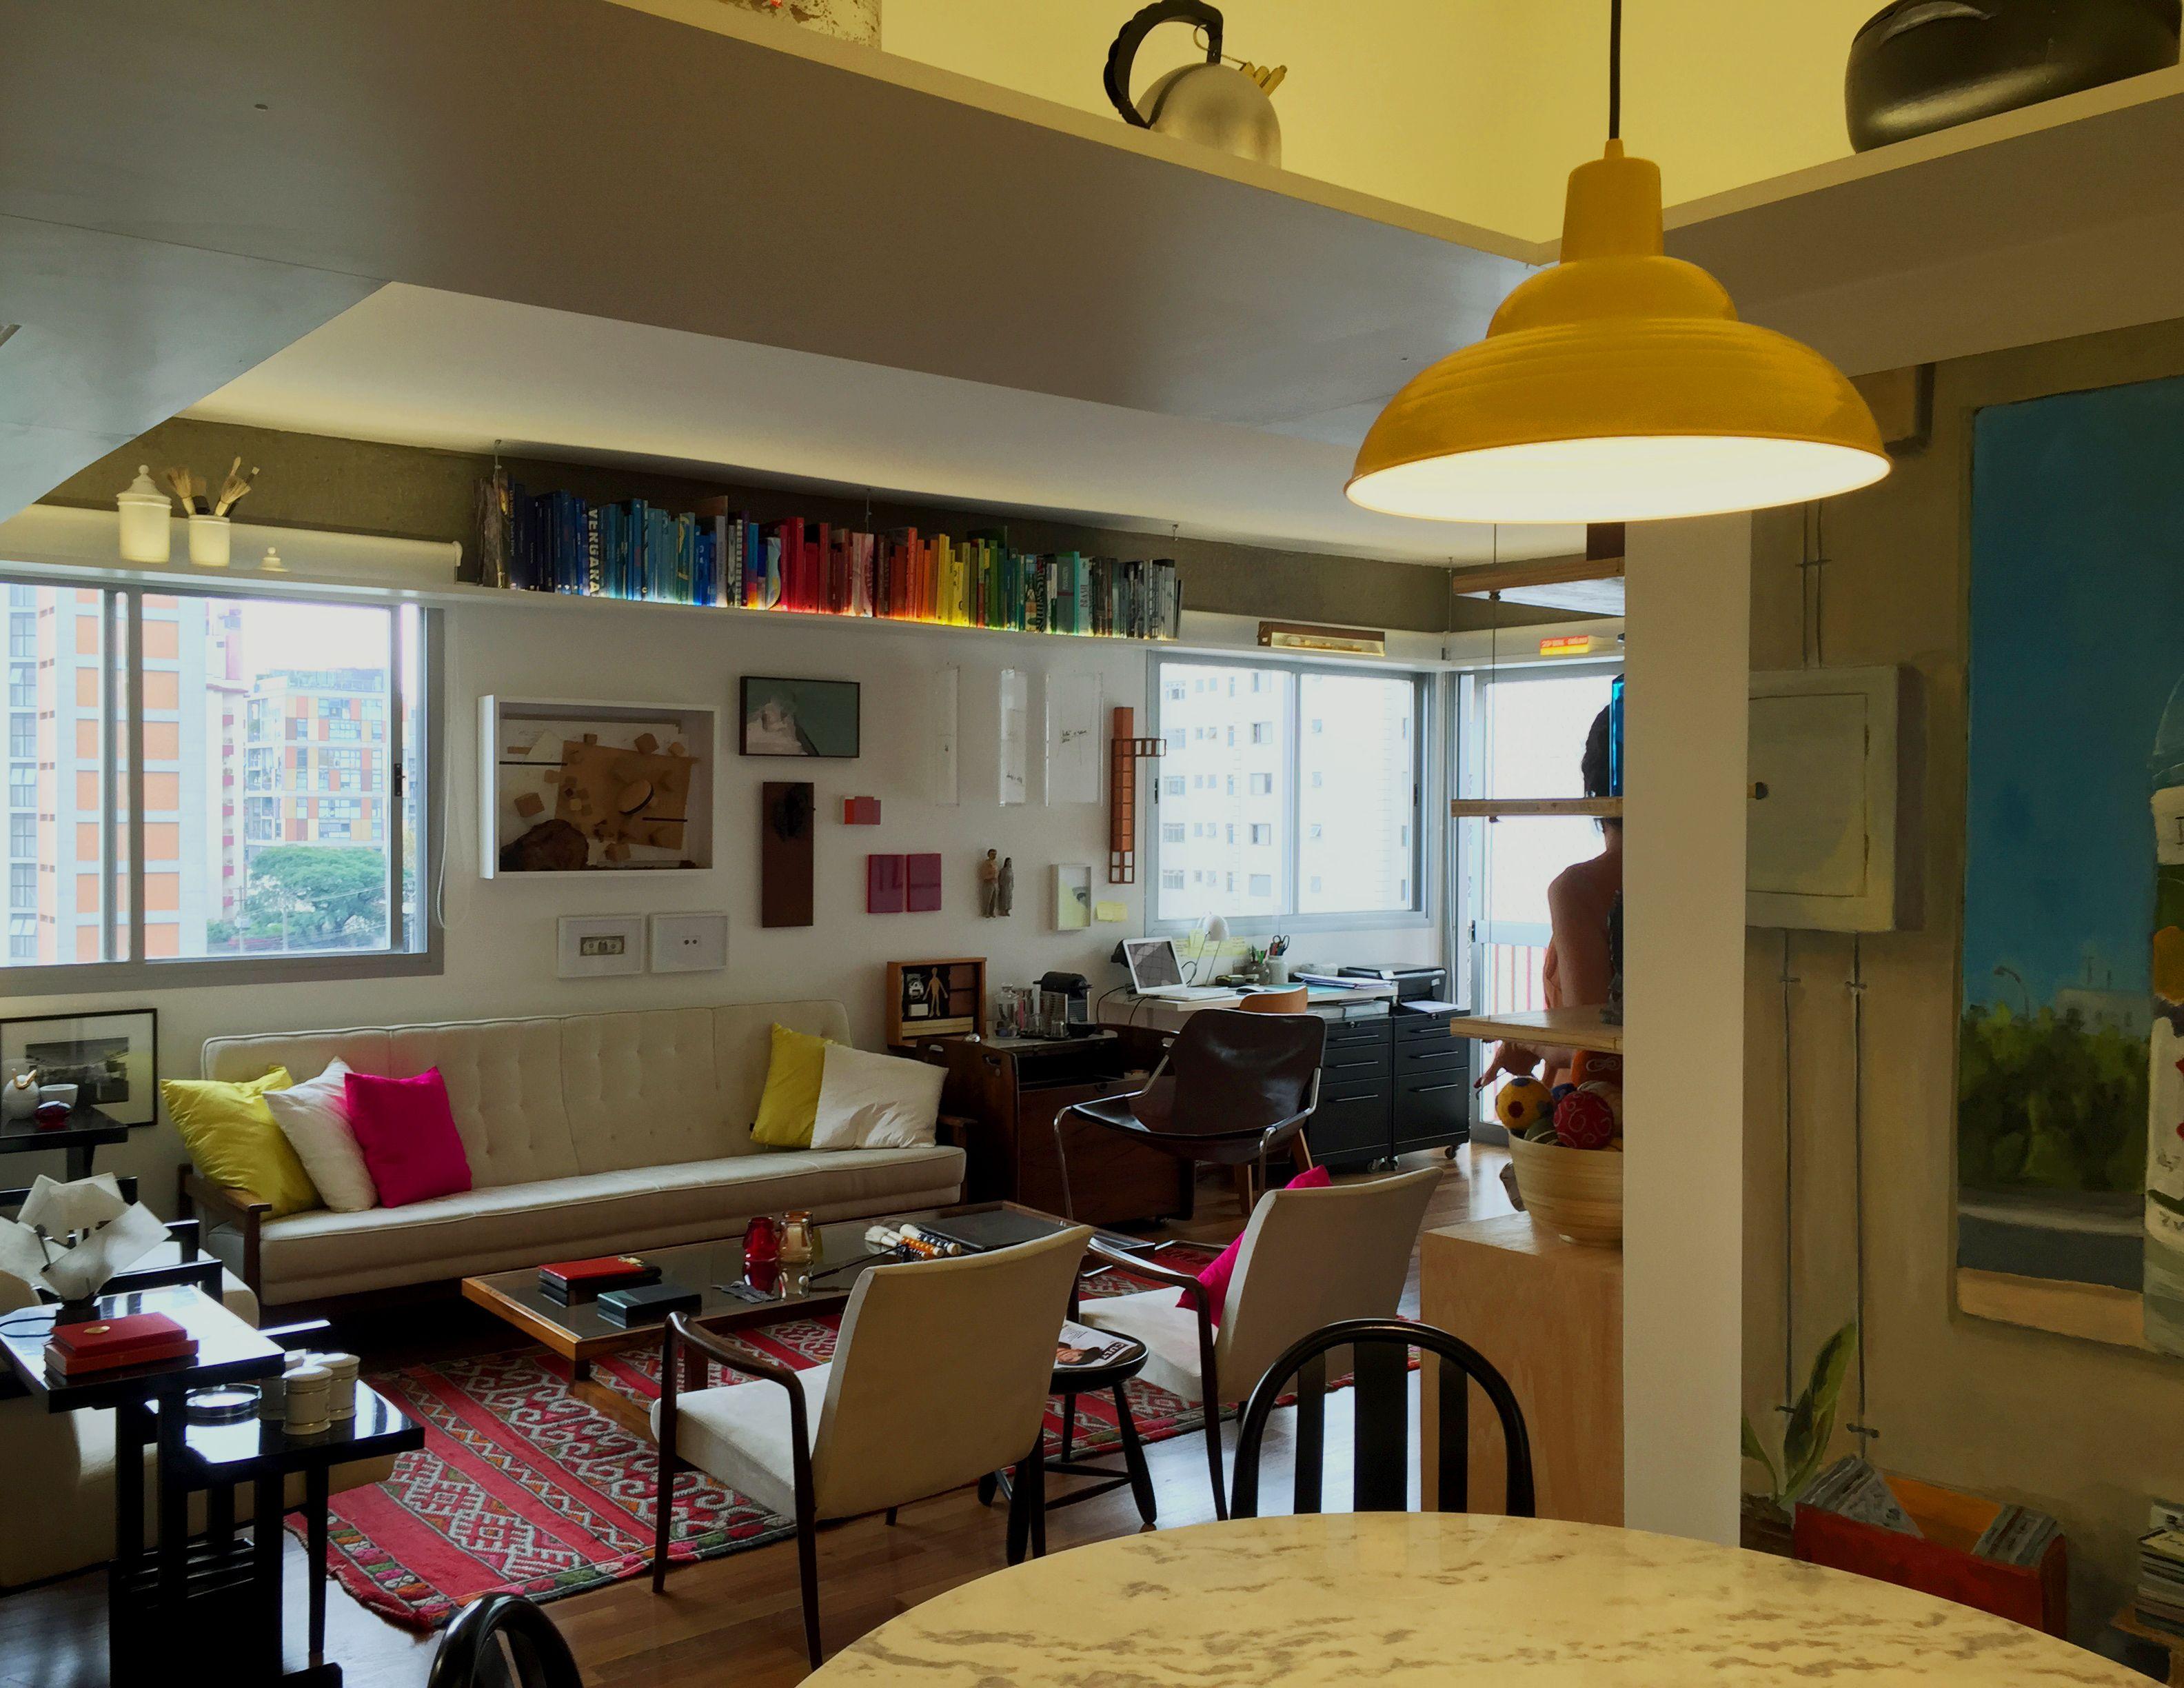 Sala De Estar Integrada Com Cozinha E Copa Multi Colorido  -> Sala E Cozinha Integrada Como Decorar